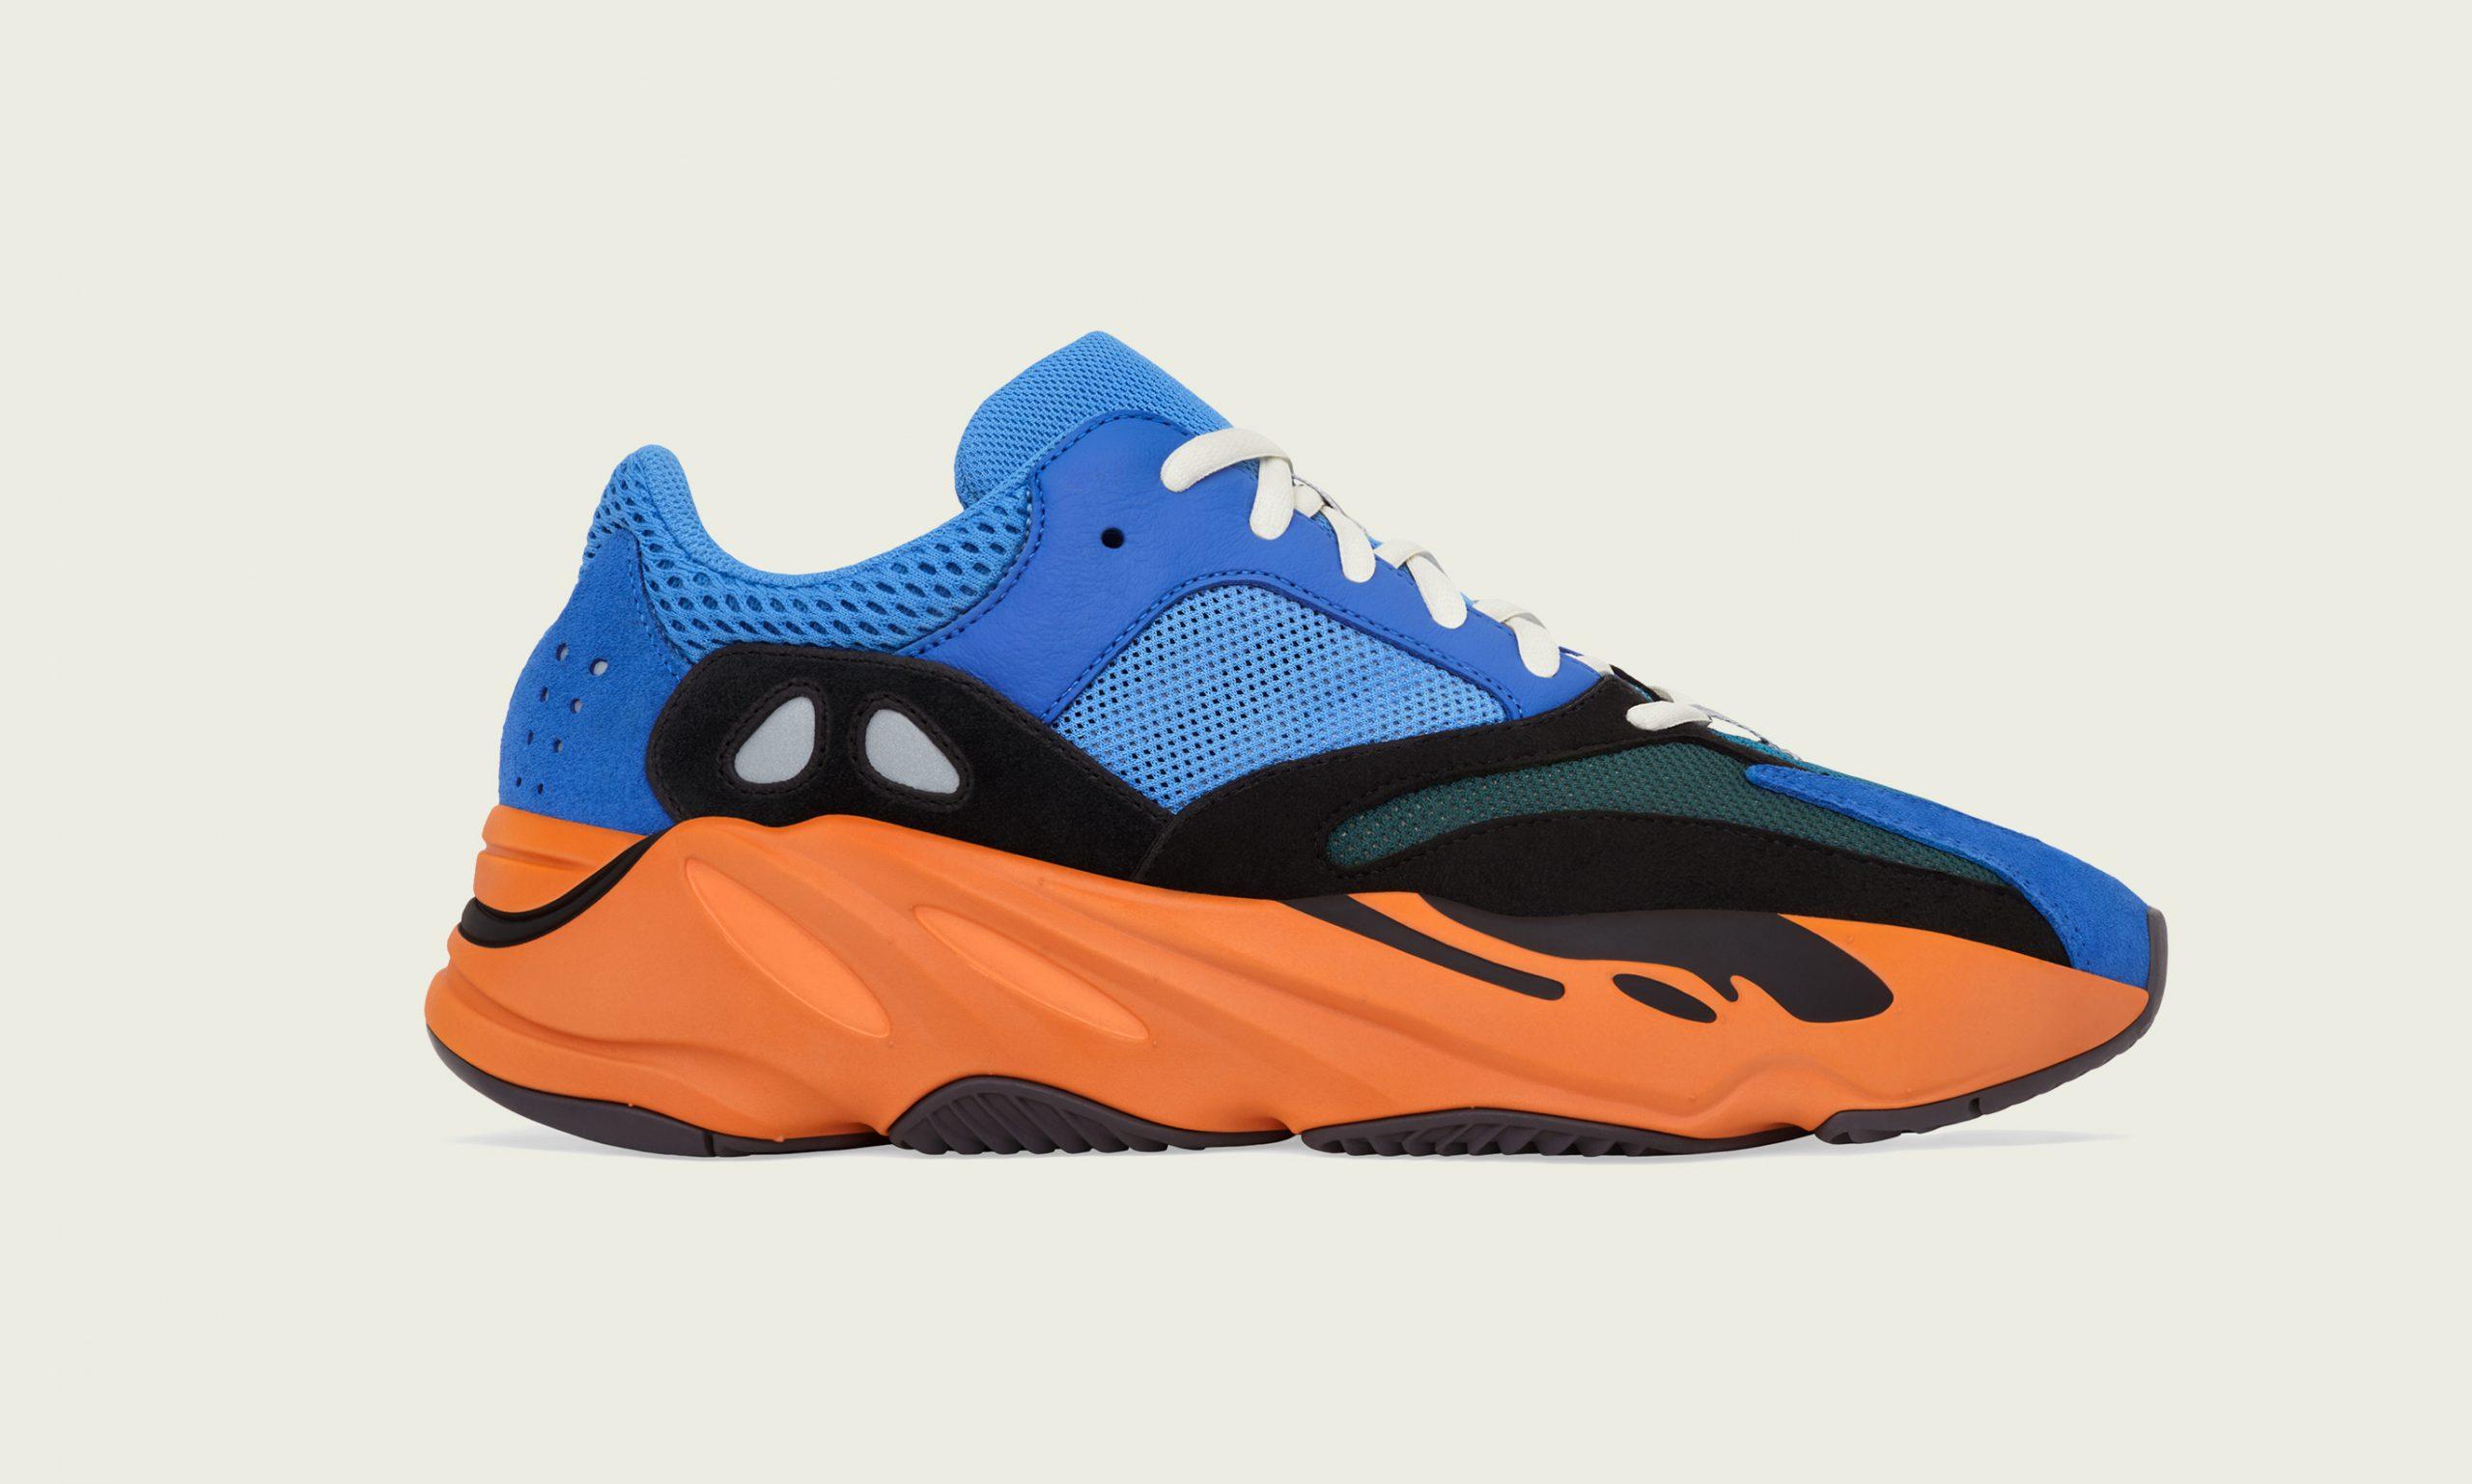 彩色信仰,adidas Originals 推出 YEEZY 700 Bright Blue 鞋款